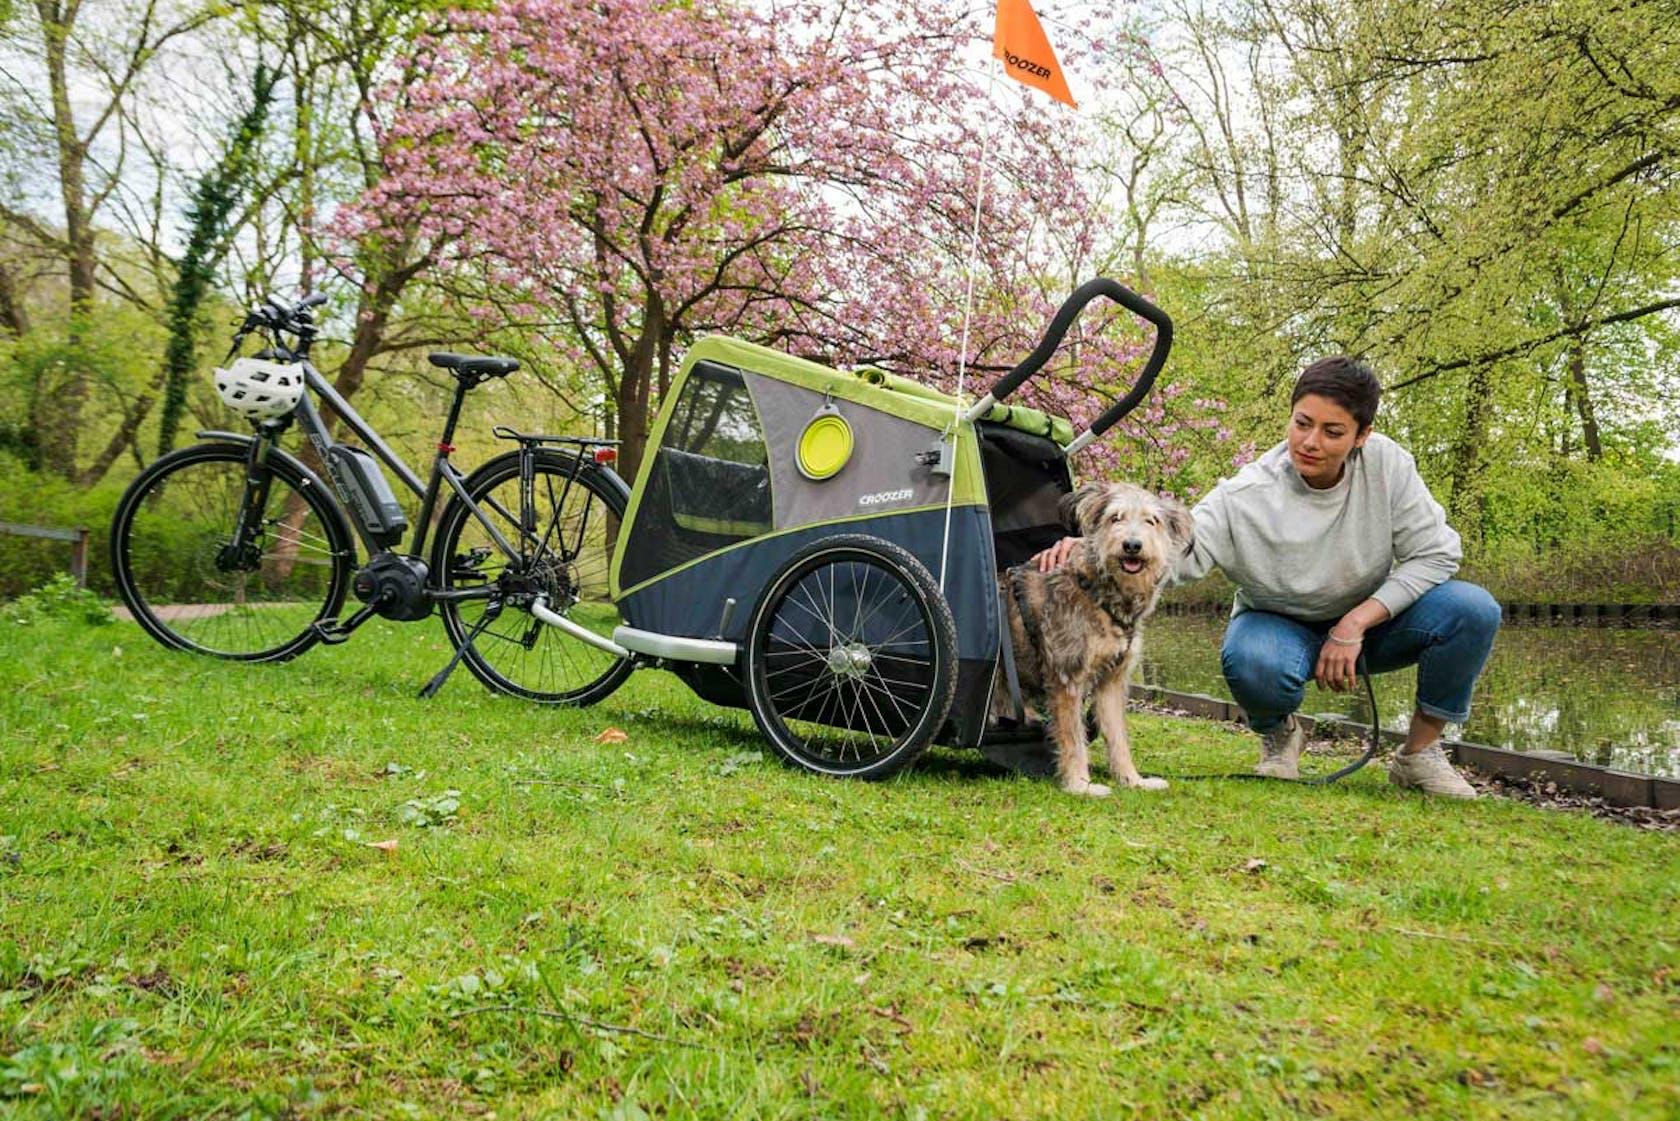 rimorchi per bicicletta portabambino porta animali